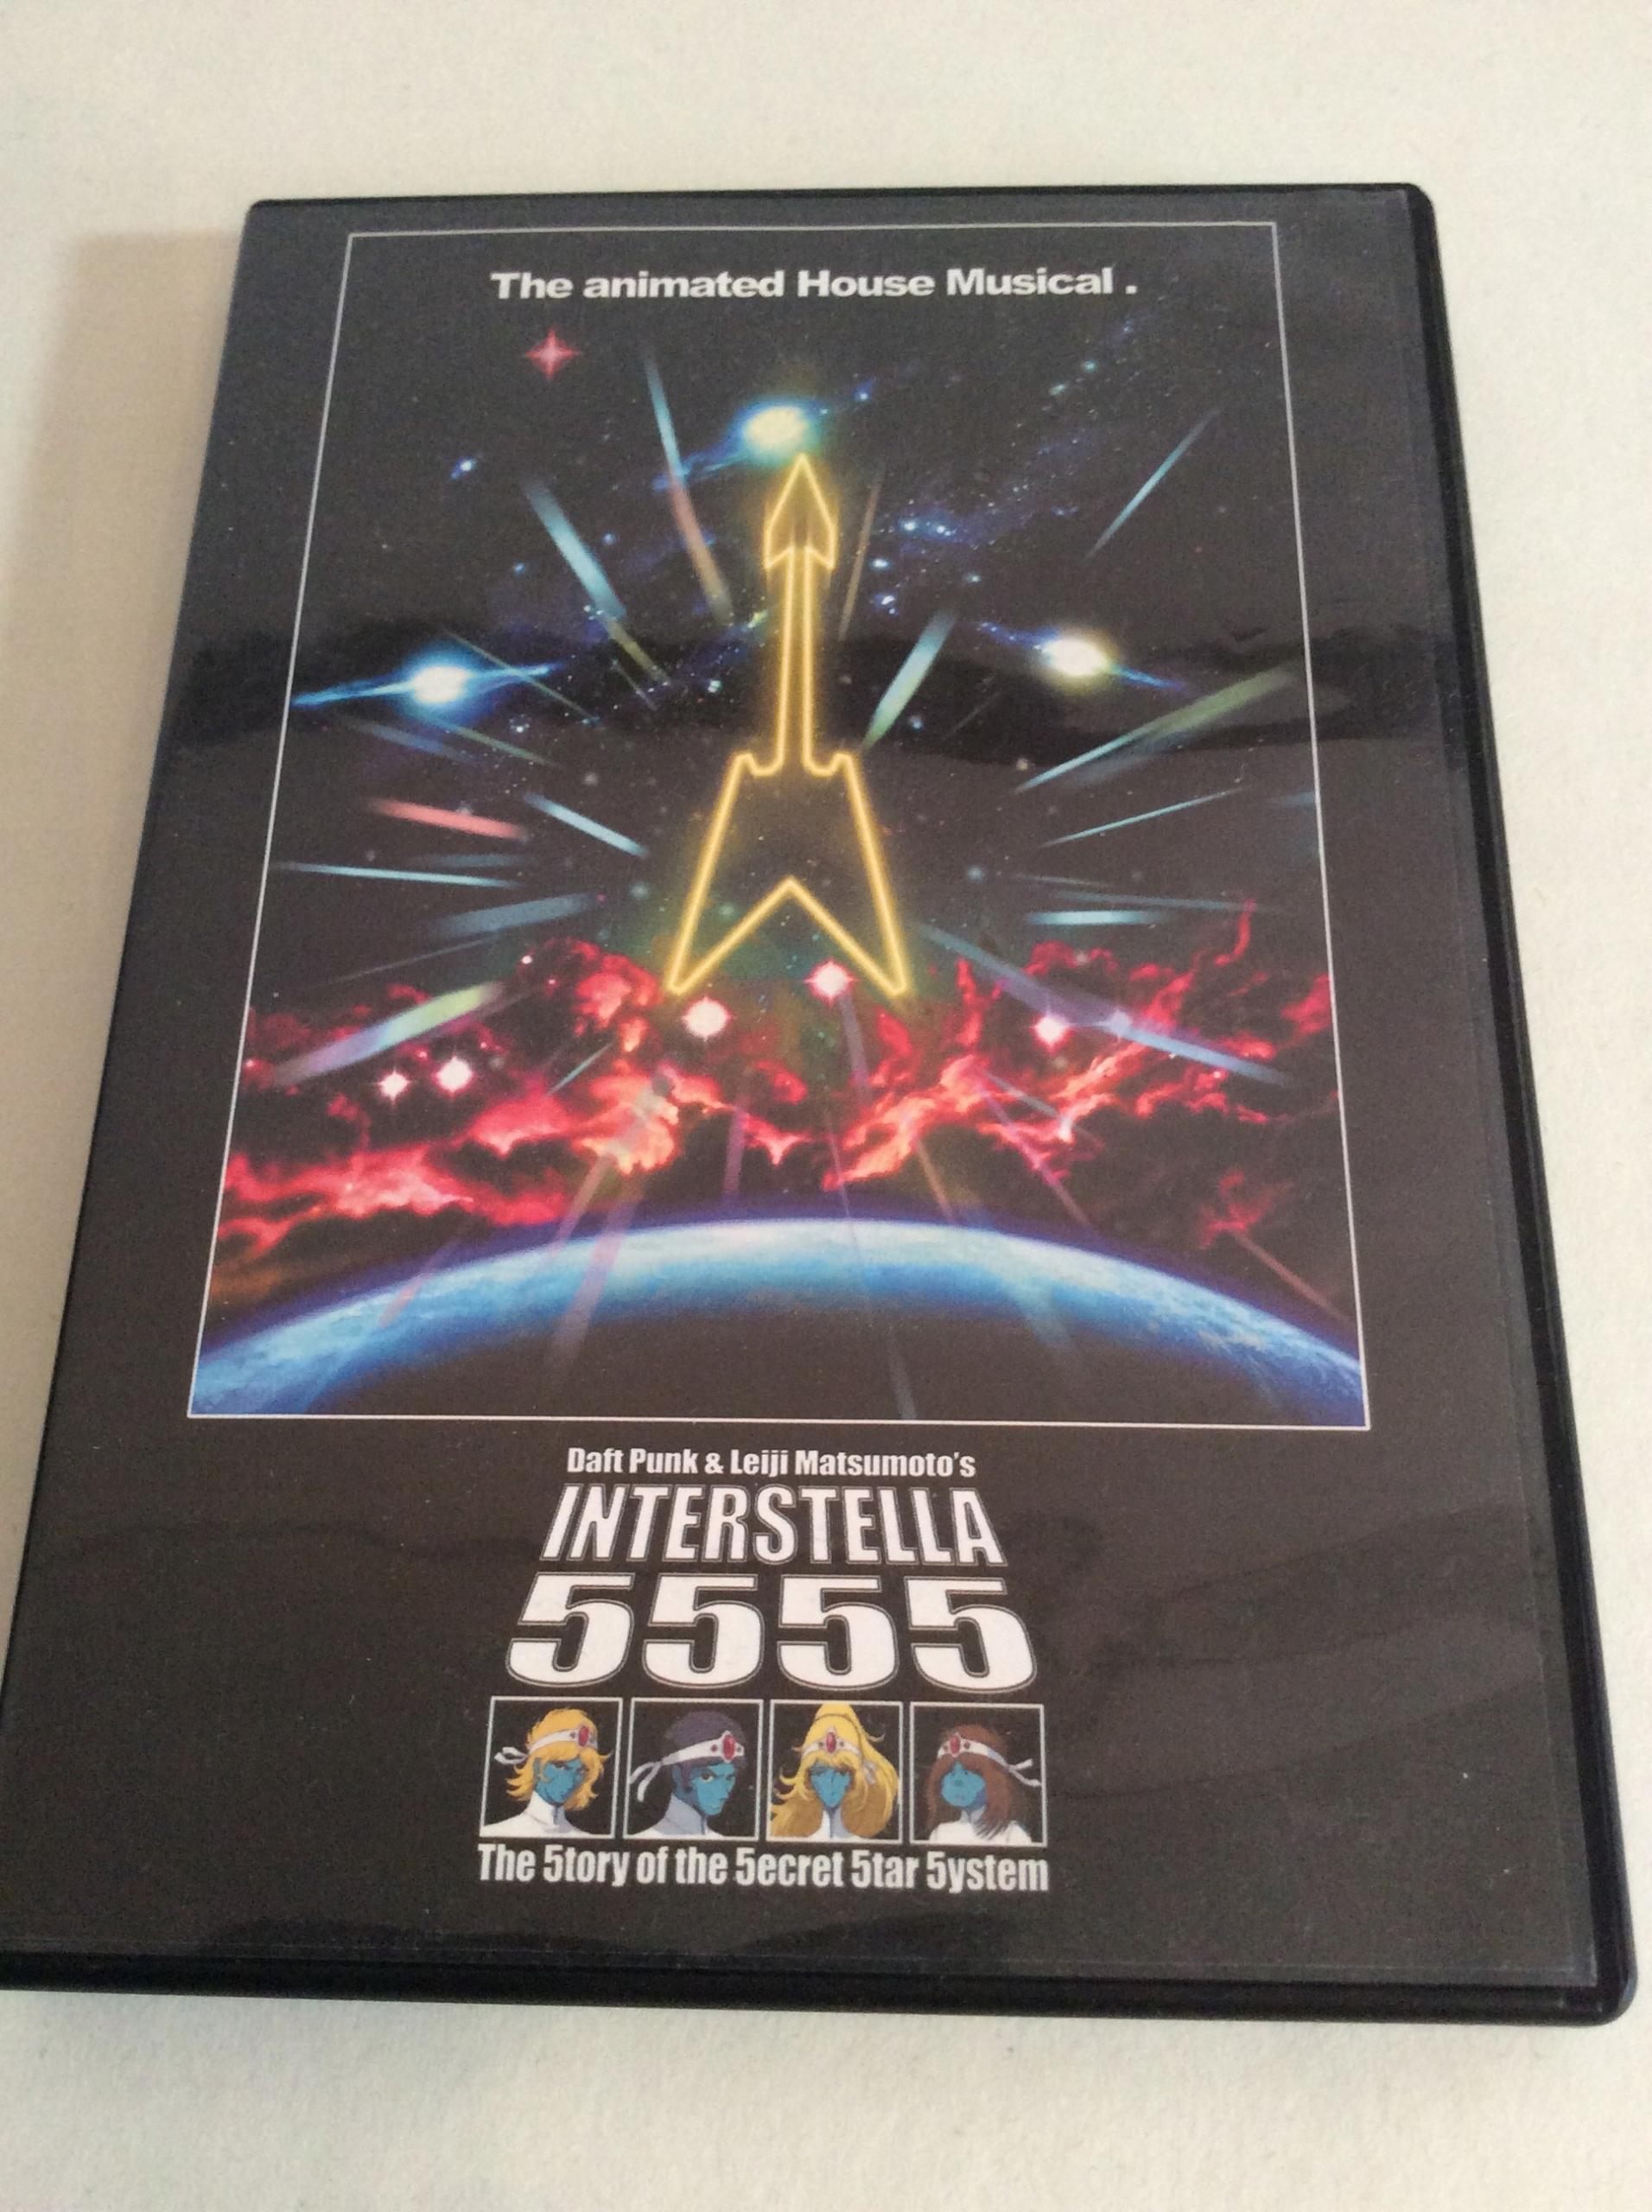 DAFT PUNK Interstella 5555 Leiji Matsumoto